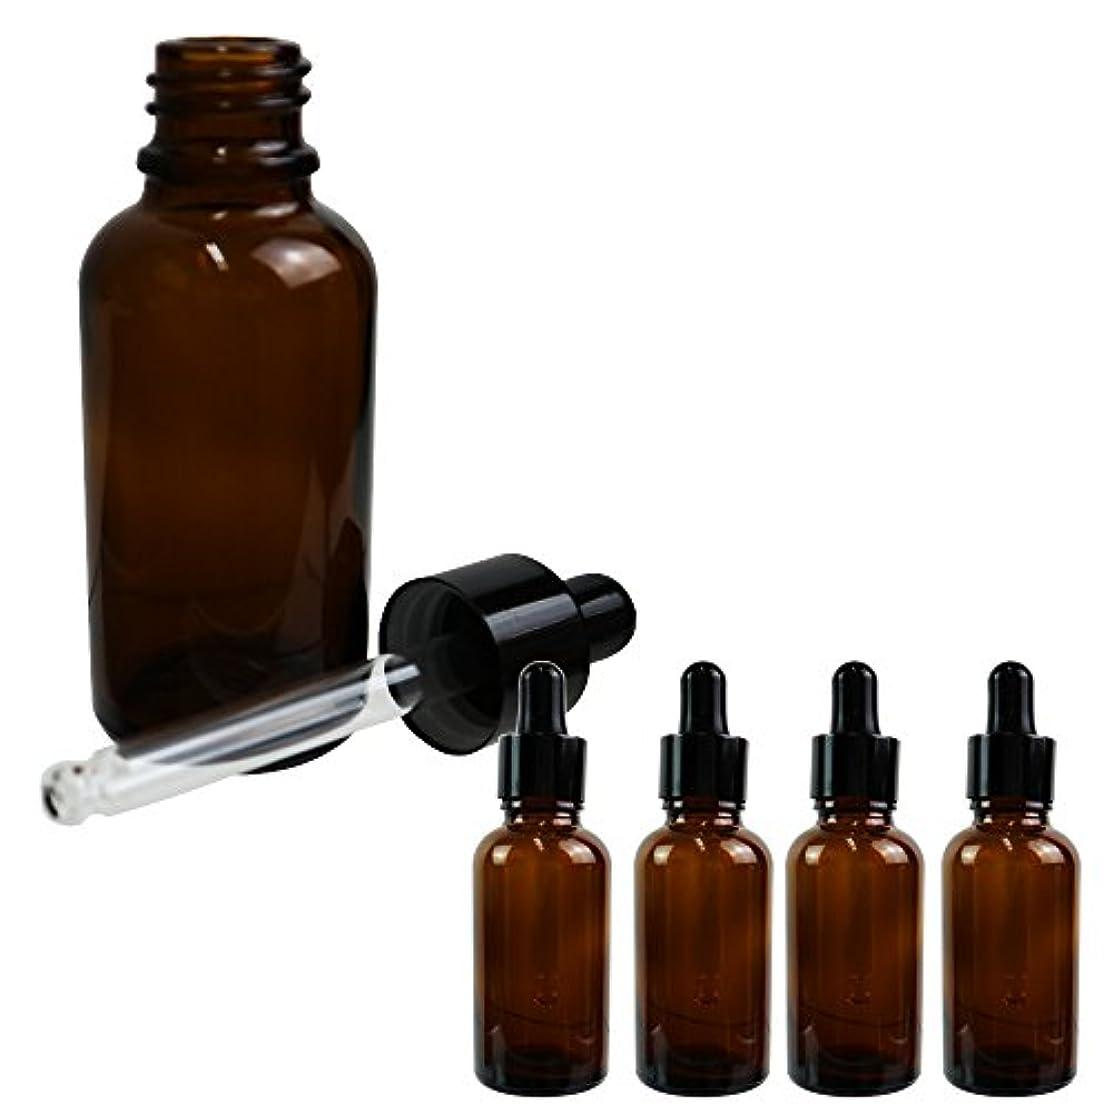 トランザクション型失効Sunlitous スポイト付き遮光瓶 香水 アロマ 化粧水 小分け 保存用 30ml 5本セット (ブラウン)